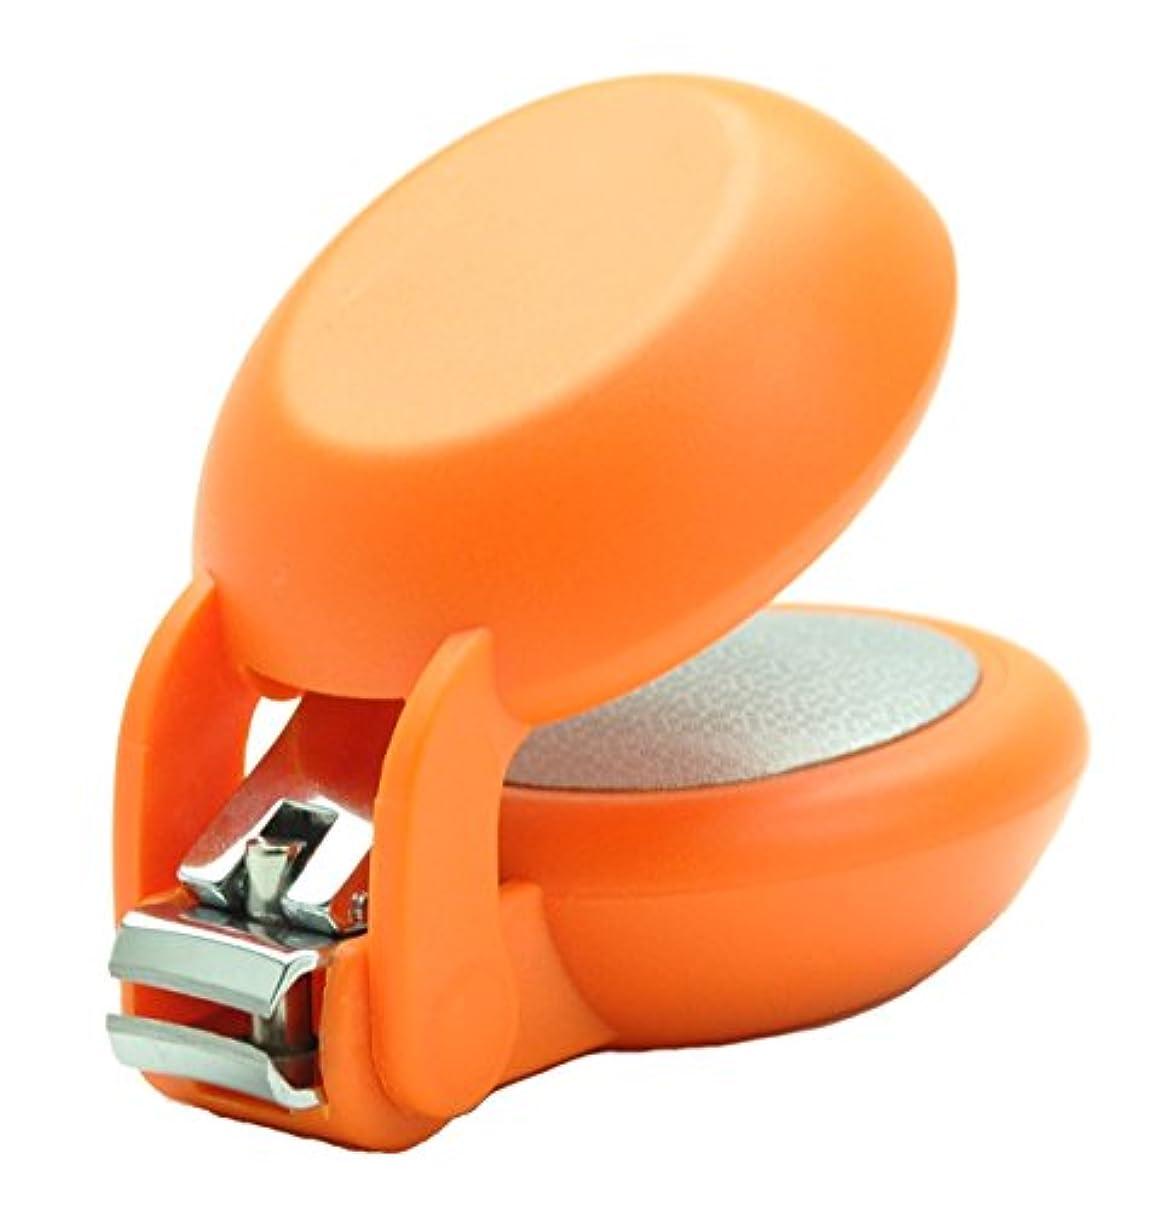 ノベルティ列車今後爪切り nail clipper (ネイルクリッパー) Nail+ (ネイルプラス) Orange (オレンジ)